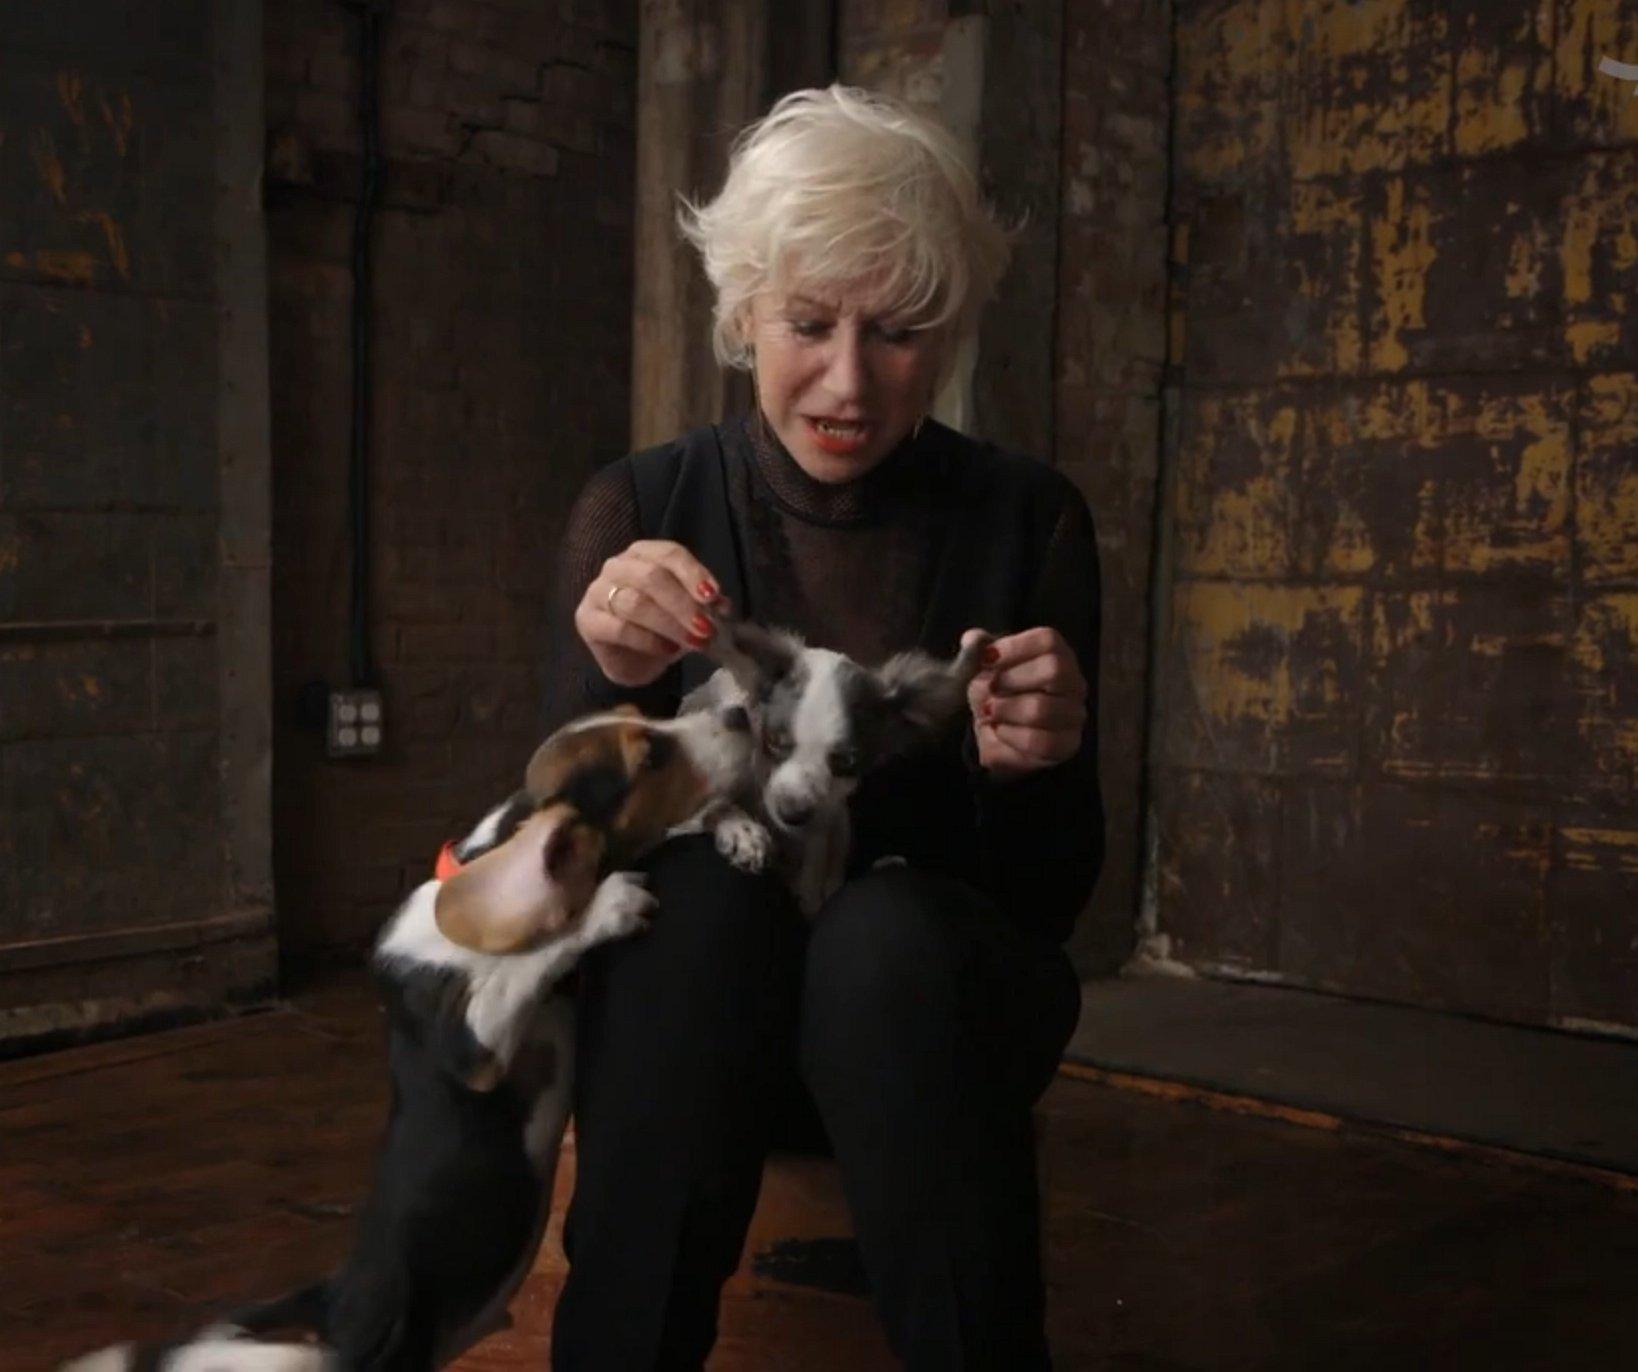 Schattiger wordt het niet vandaag: Helen Mirren knuffelt met puppies